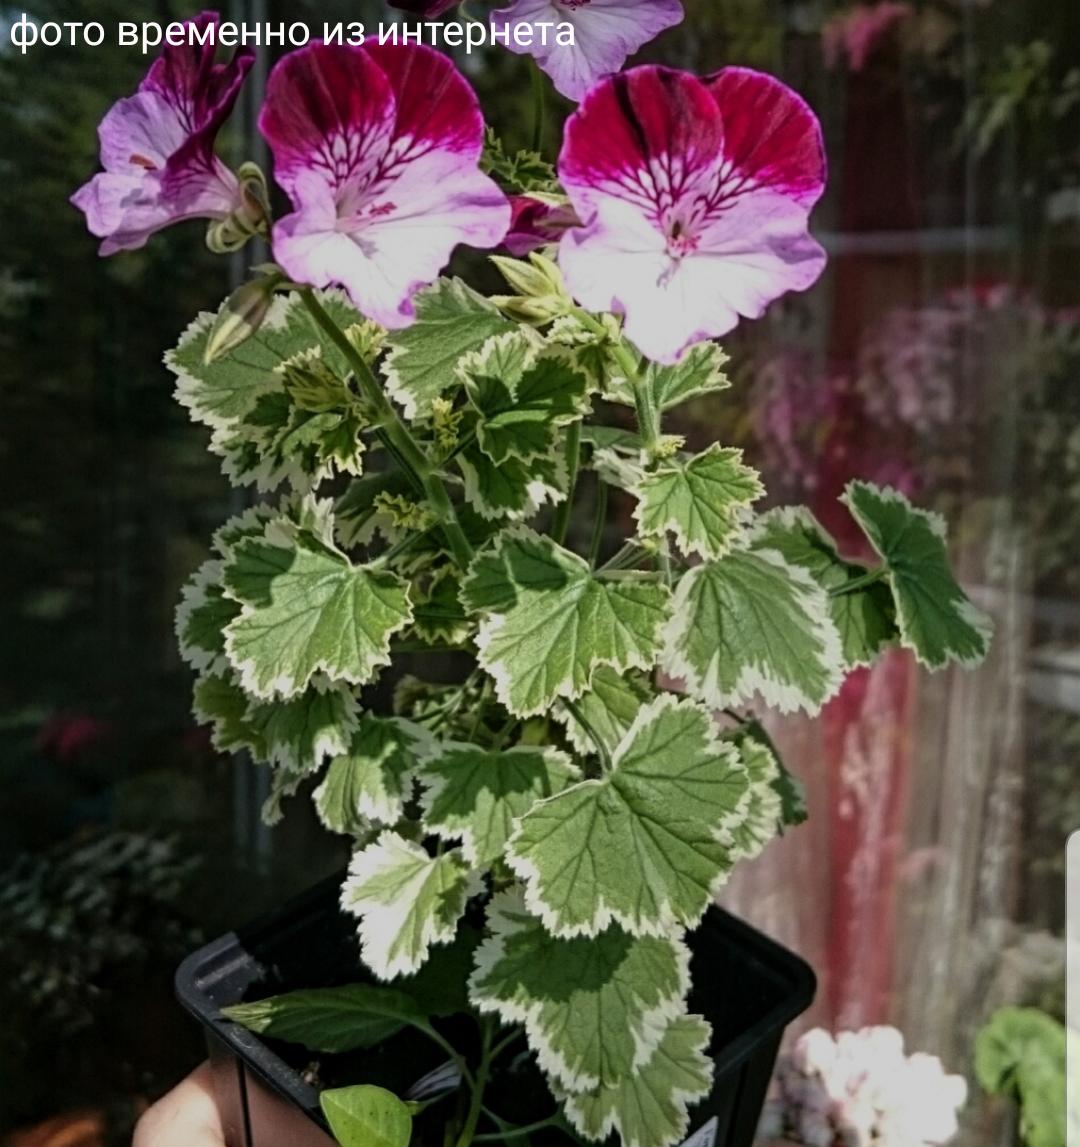 Oldbury Duet / подрощенное растение